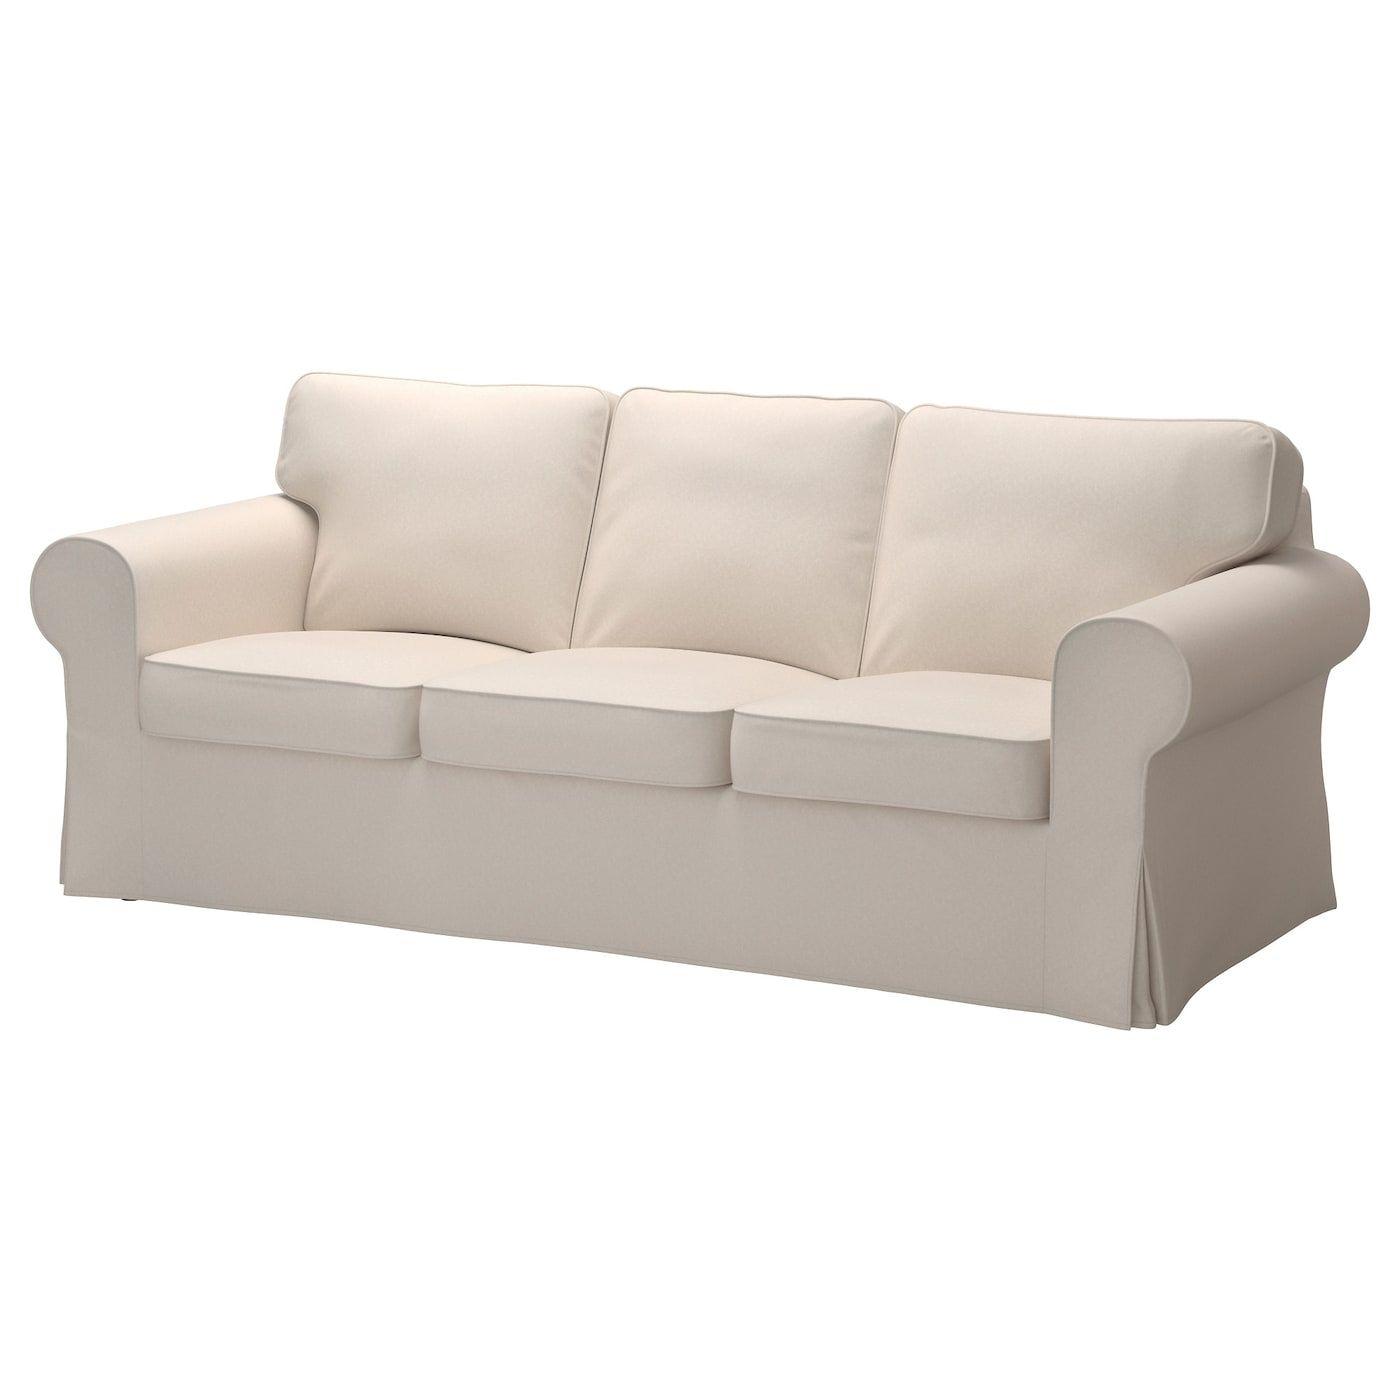 Ektorp Sofa Lofallet Beige Ikea In 2020 Ikea Sofa Bezug Sofa